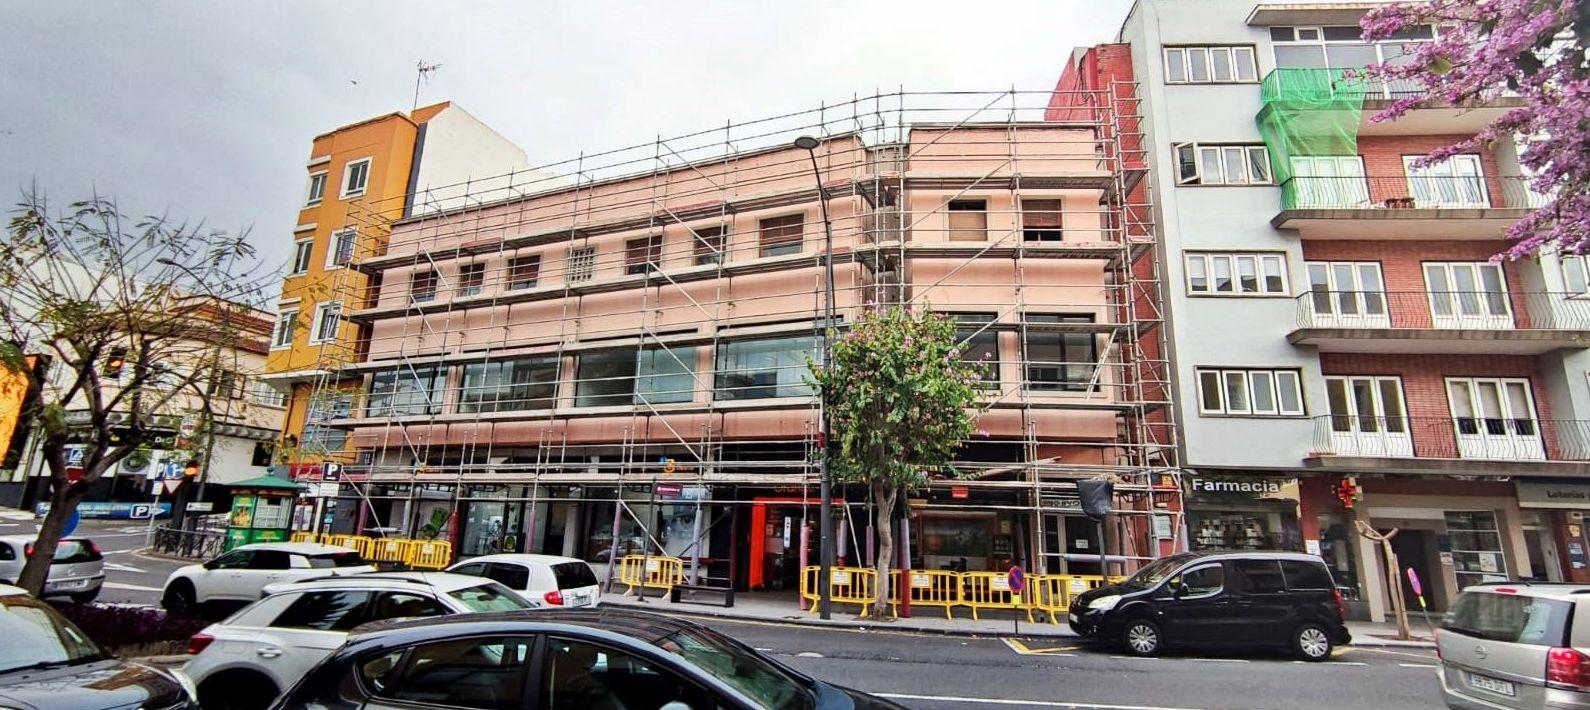 Proceso de montaje de andamio multidireccional. Rehabilitación de fachada. La Orotava.